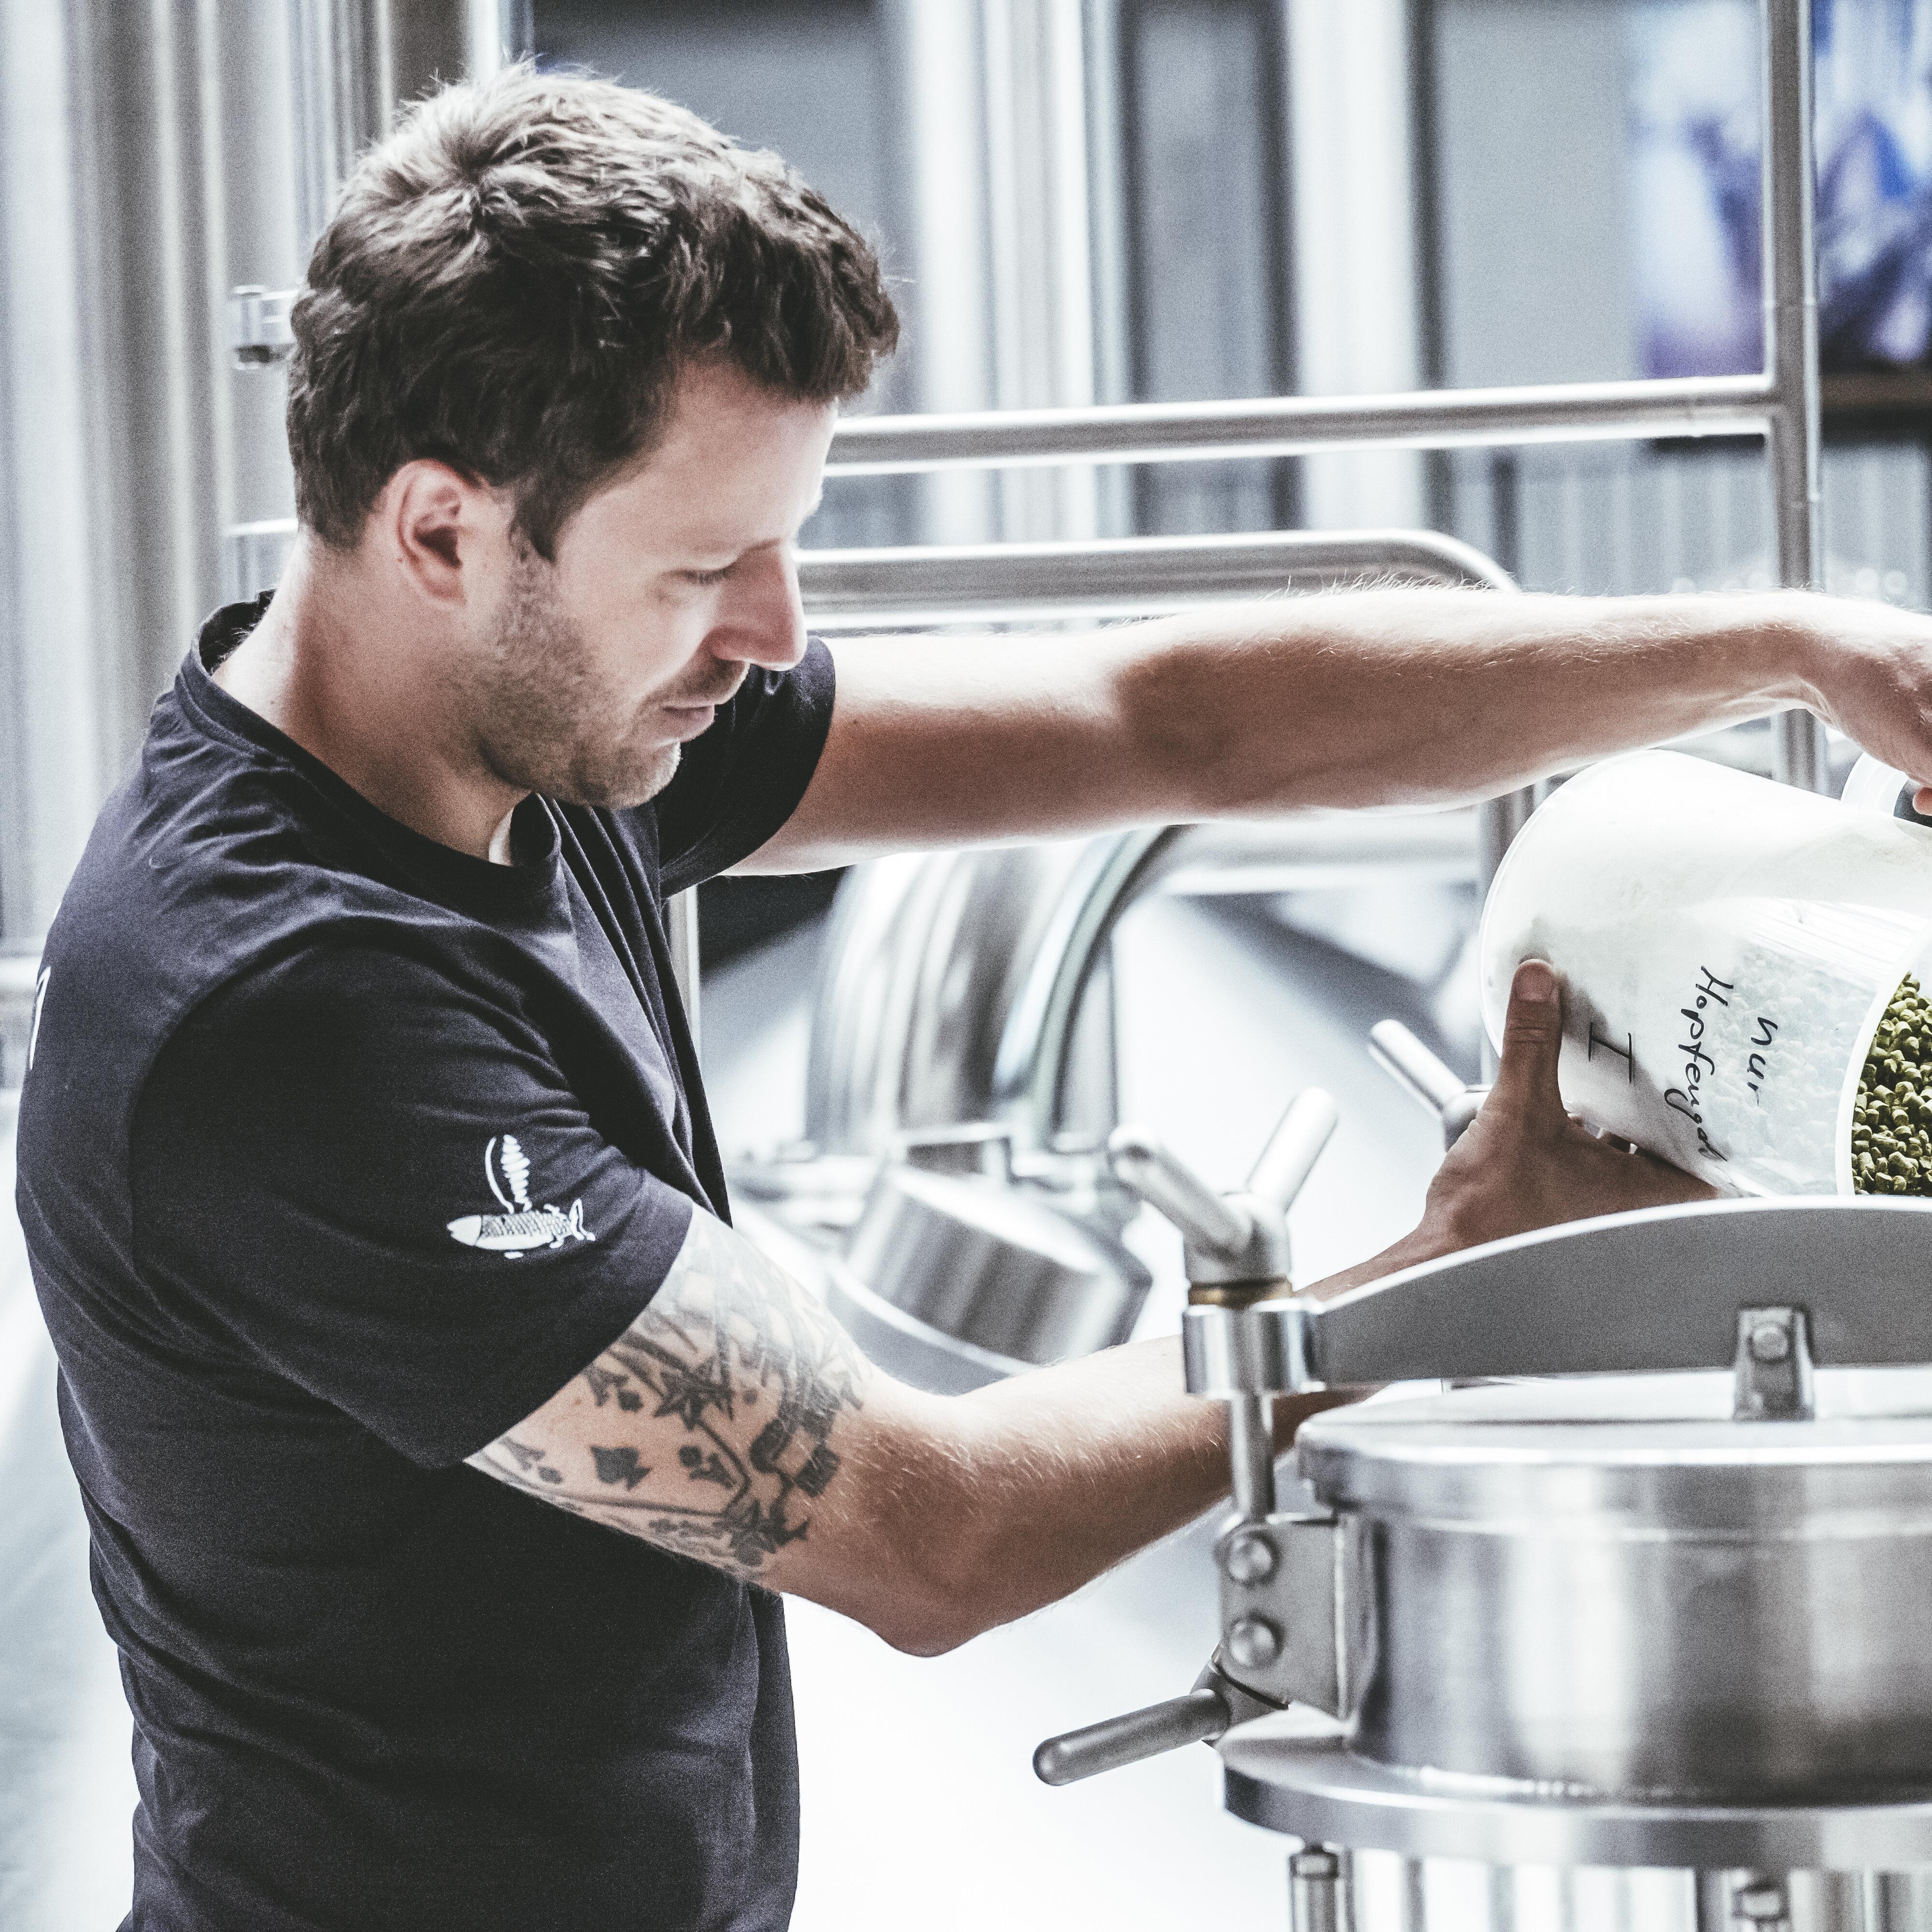 Brauerei Camba Bavaria: Selbstgeführte Tour